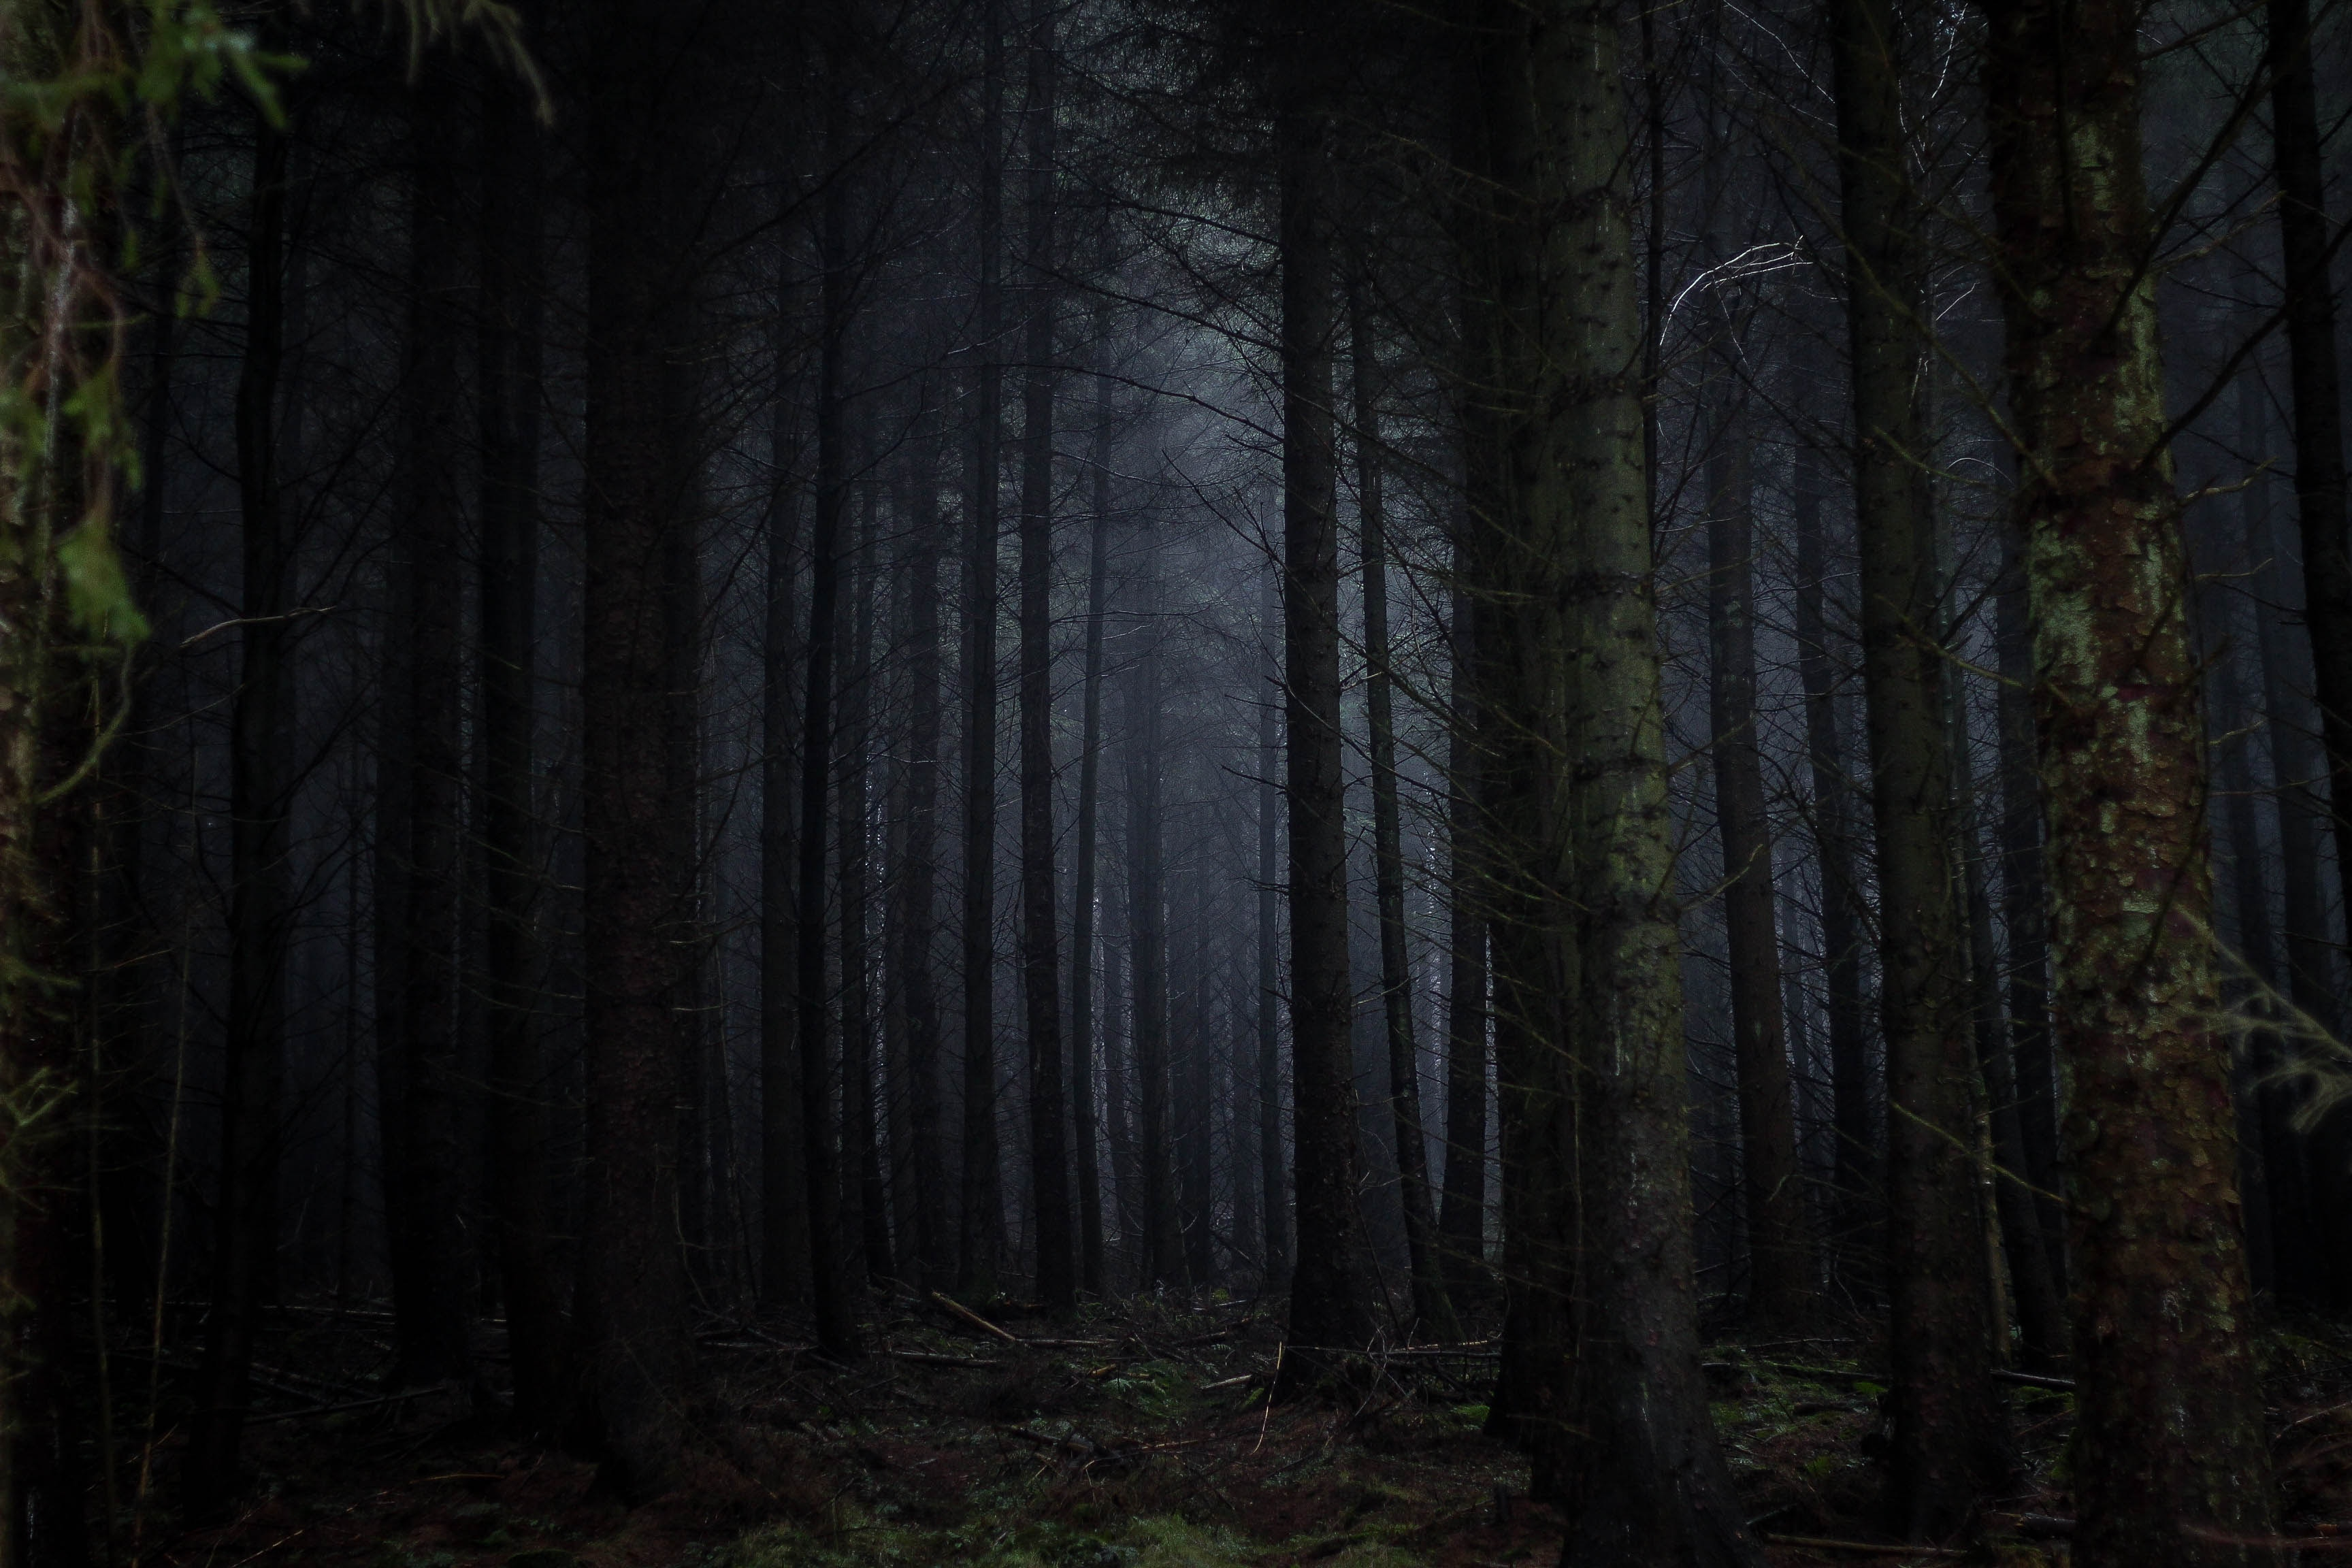 84635 скачать обои Темные, Темный, Лес, Деревья, Туман, Мрачный - заставки и картинки бесплатно